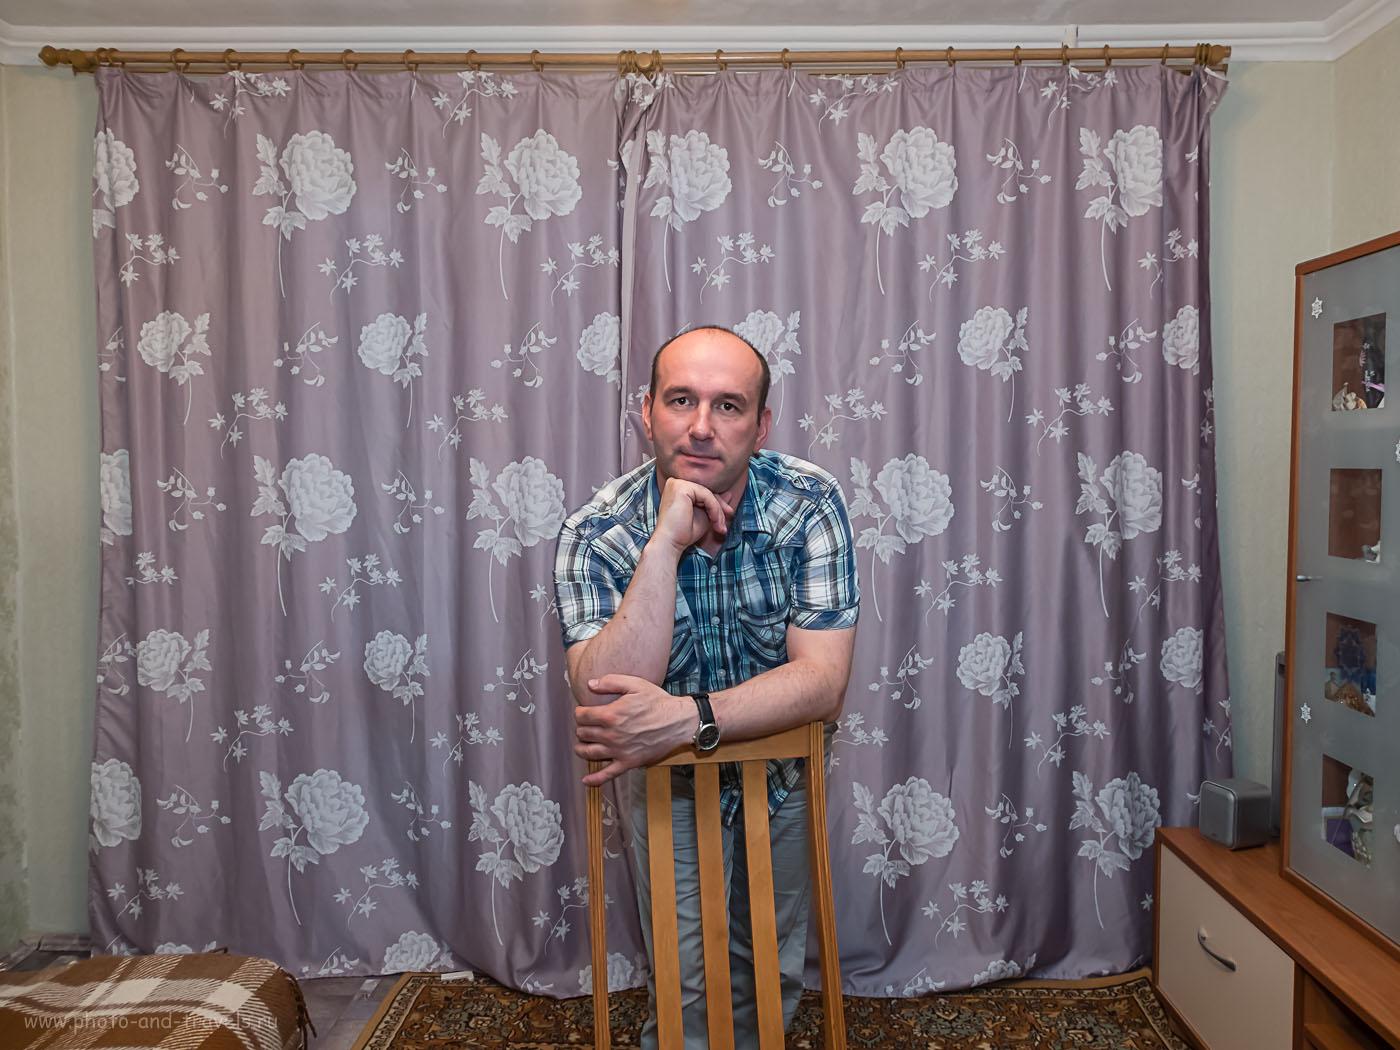 """Фото 29. Портрет получился резким. Но, из-за широкого угла объектива, уши """"уползли"""" назад, нос - длинный, руки - огромные. Не подходит Fujifilm X30 для съемки нормальных портретов. 1/30, -0.33, 2.5, 200, 7.1"""